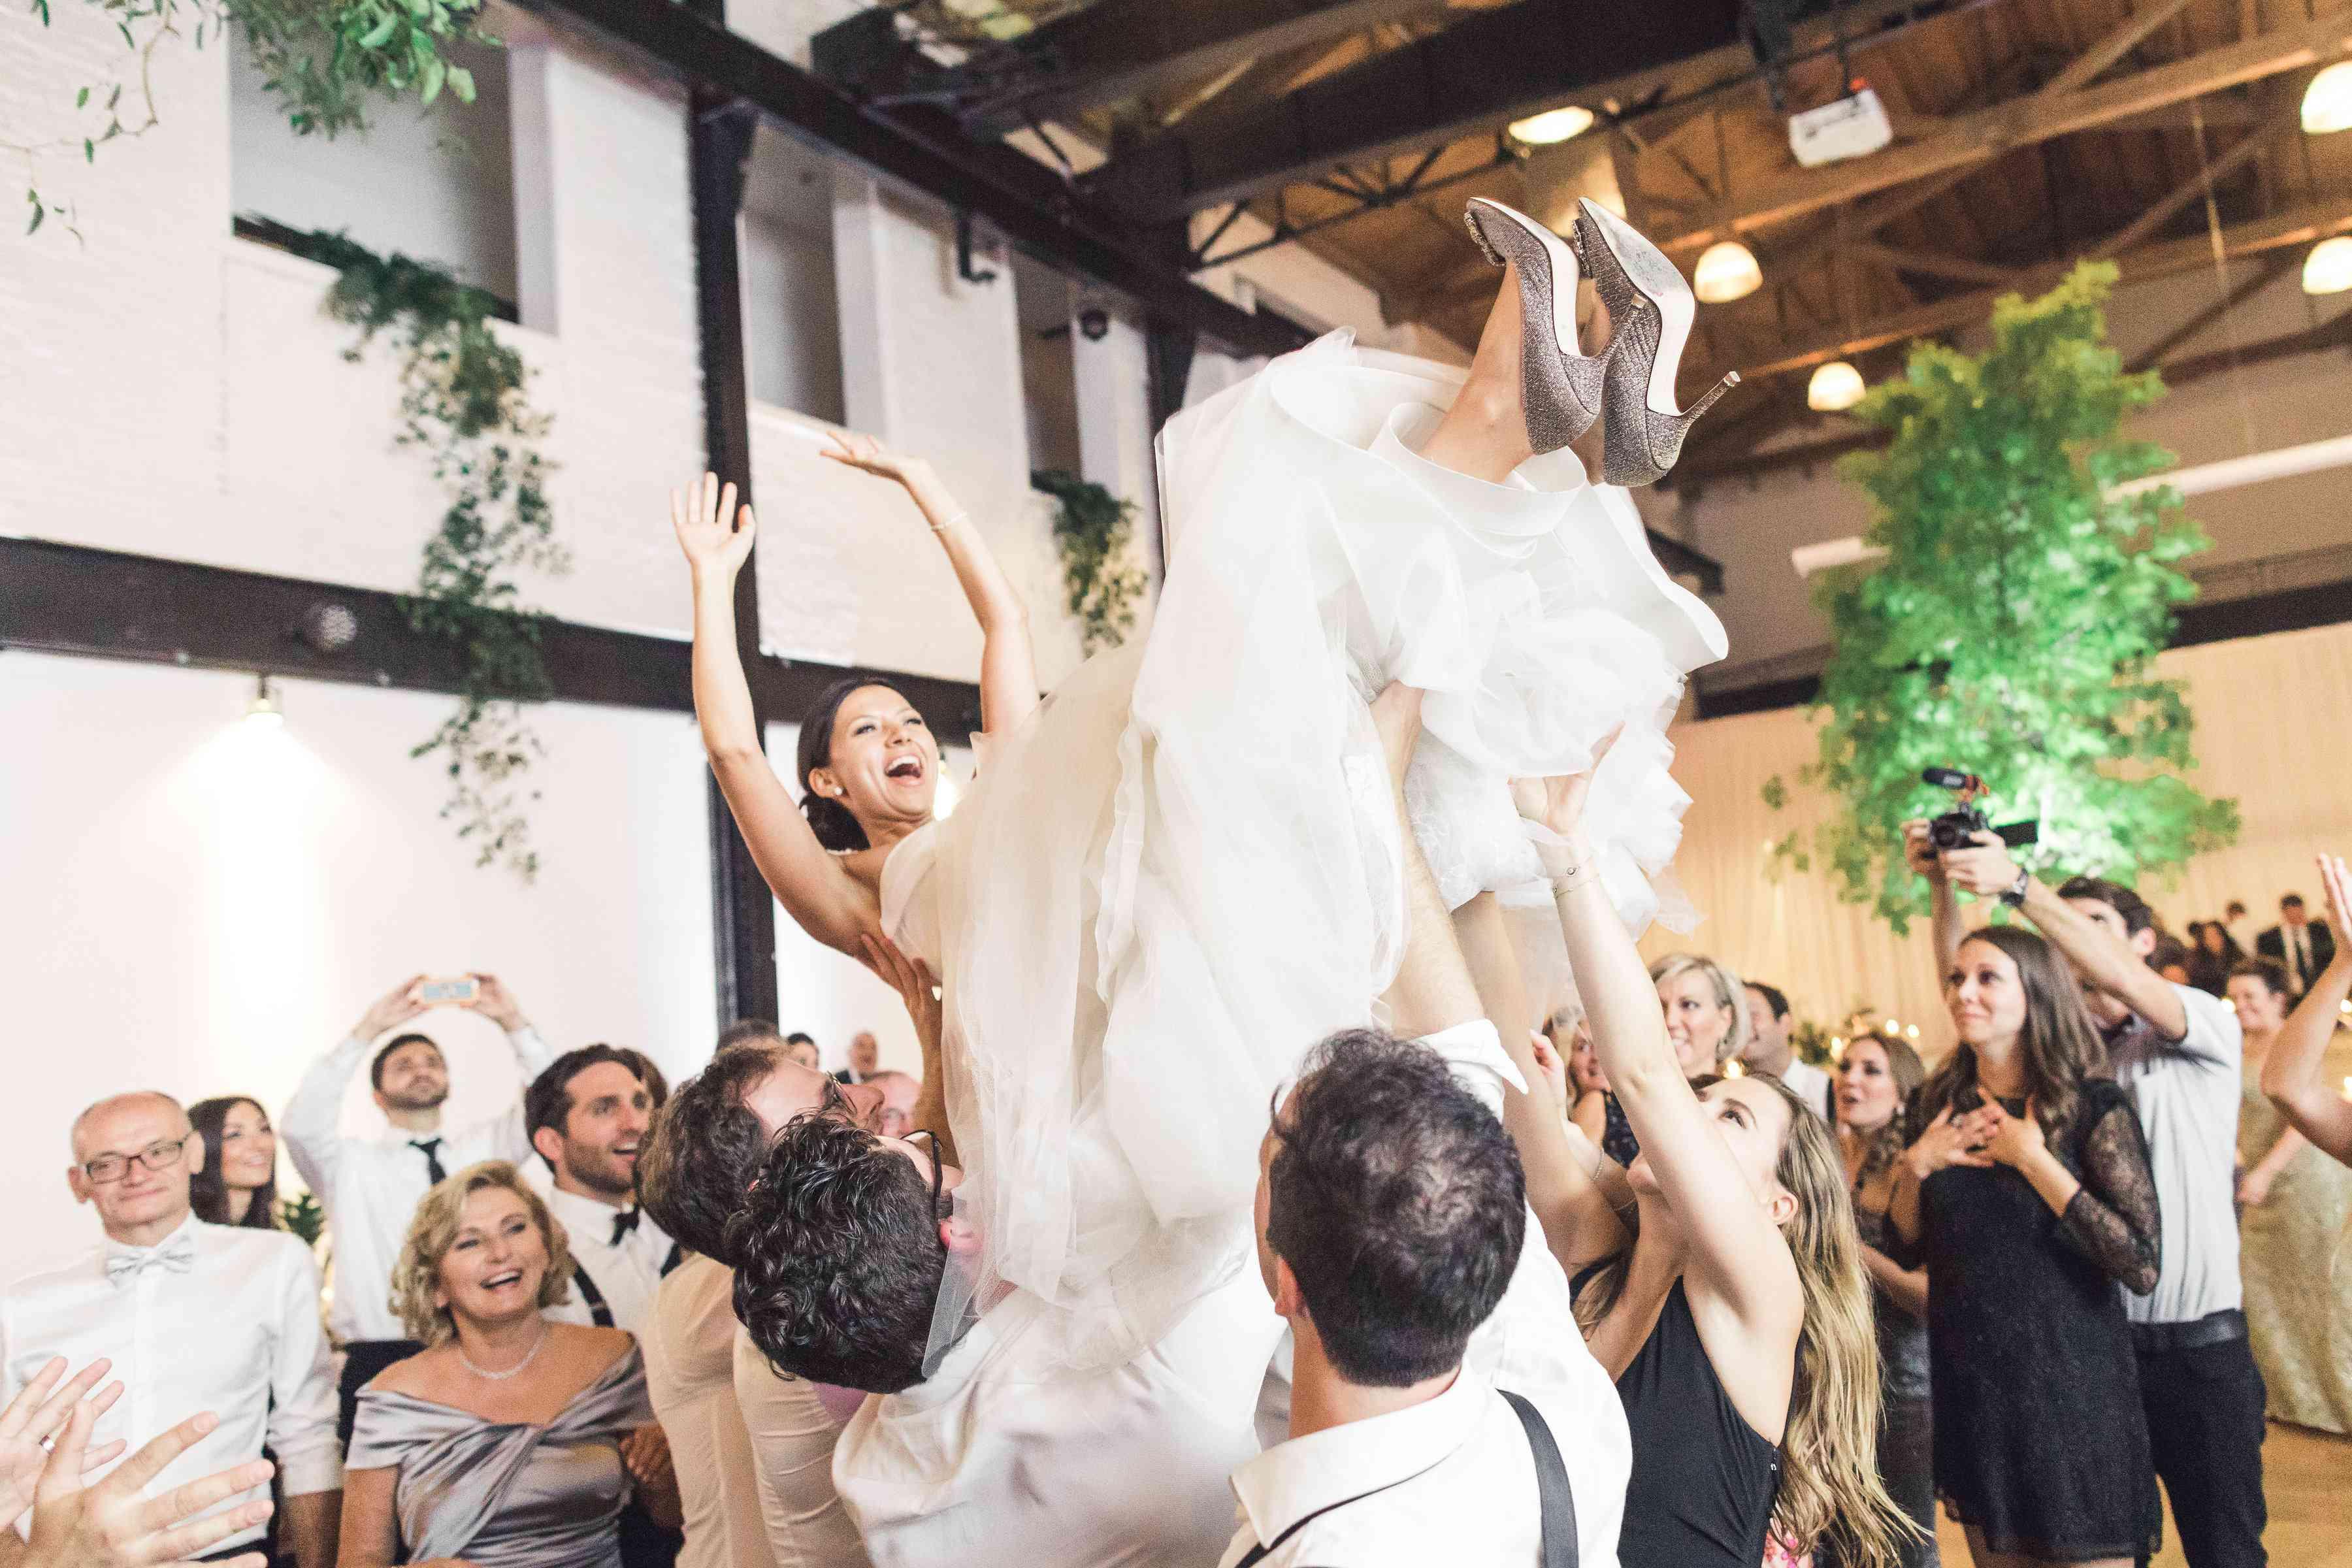 Bride being held up in air